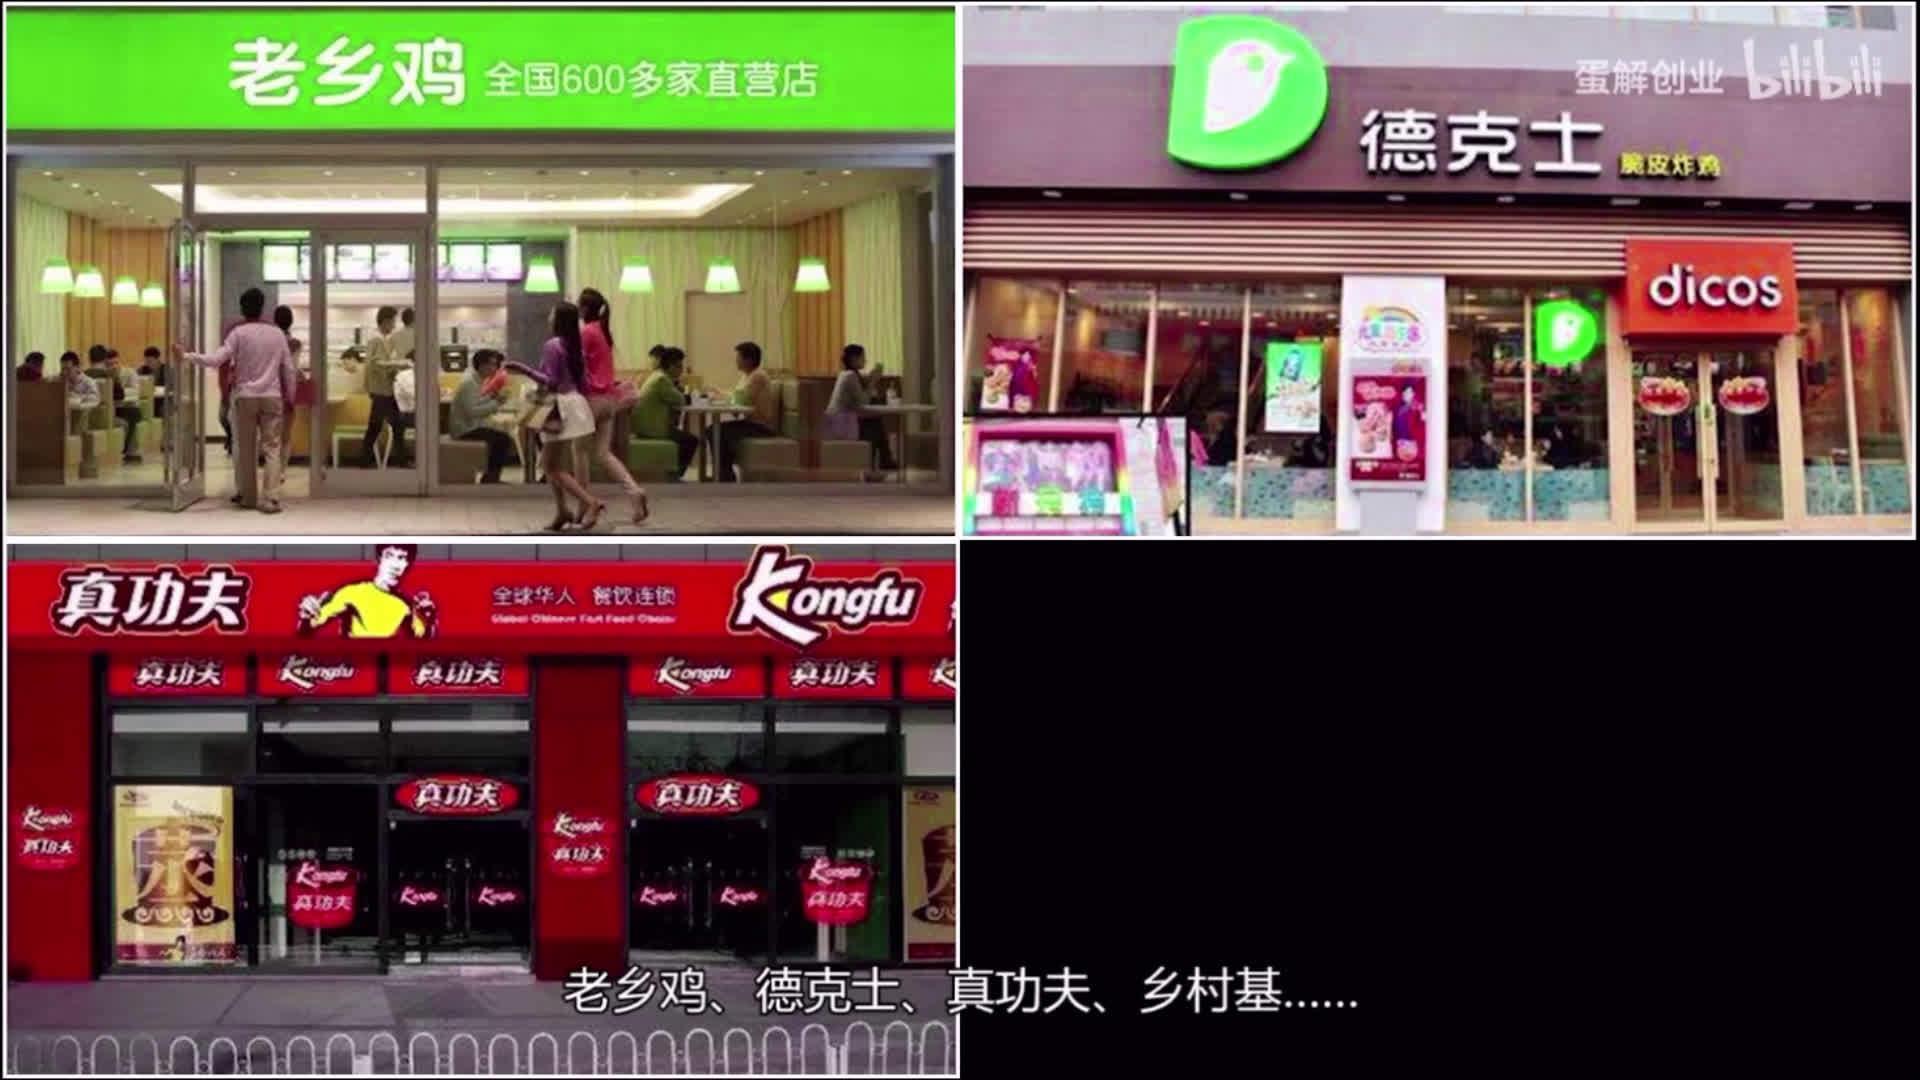 中国美食这么多,为什么国际化道路却没走通呢